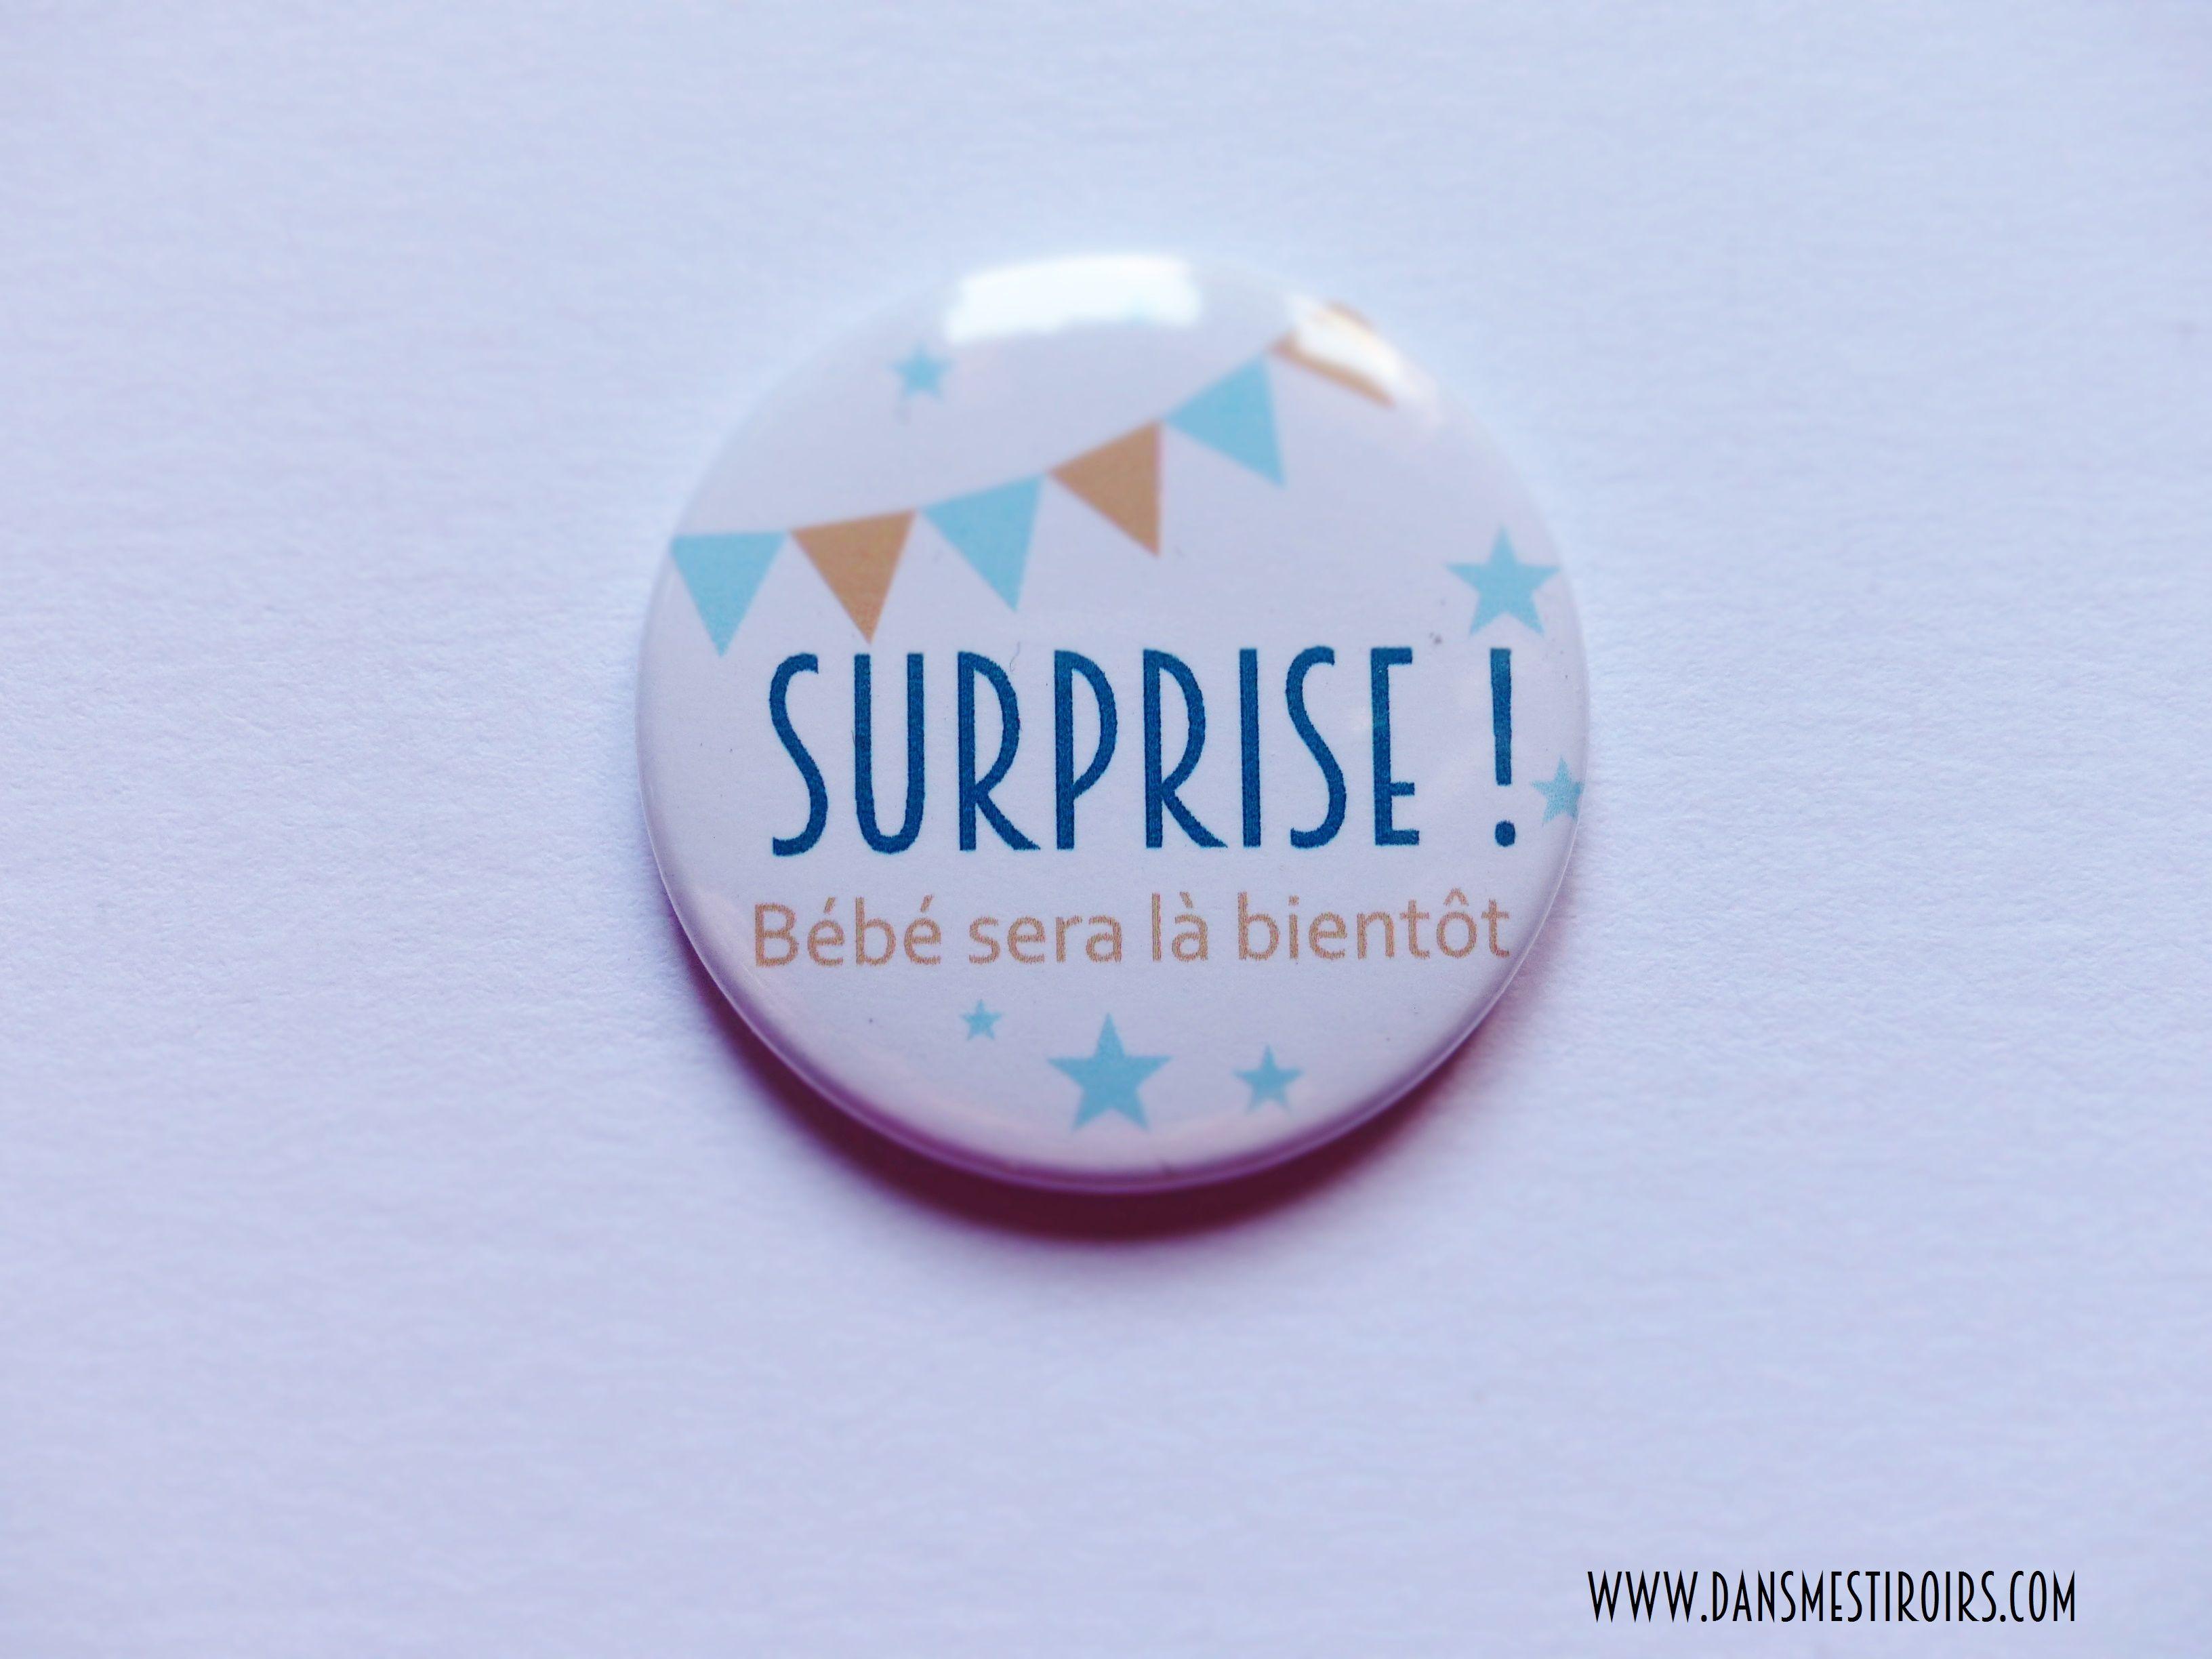 Super Badge annonce originale grossesse fait par www.dansmestiroirs.com  RJ72